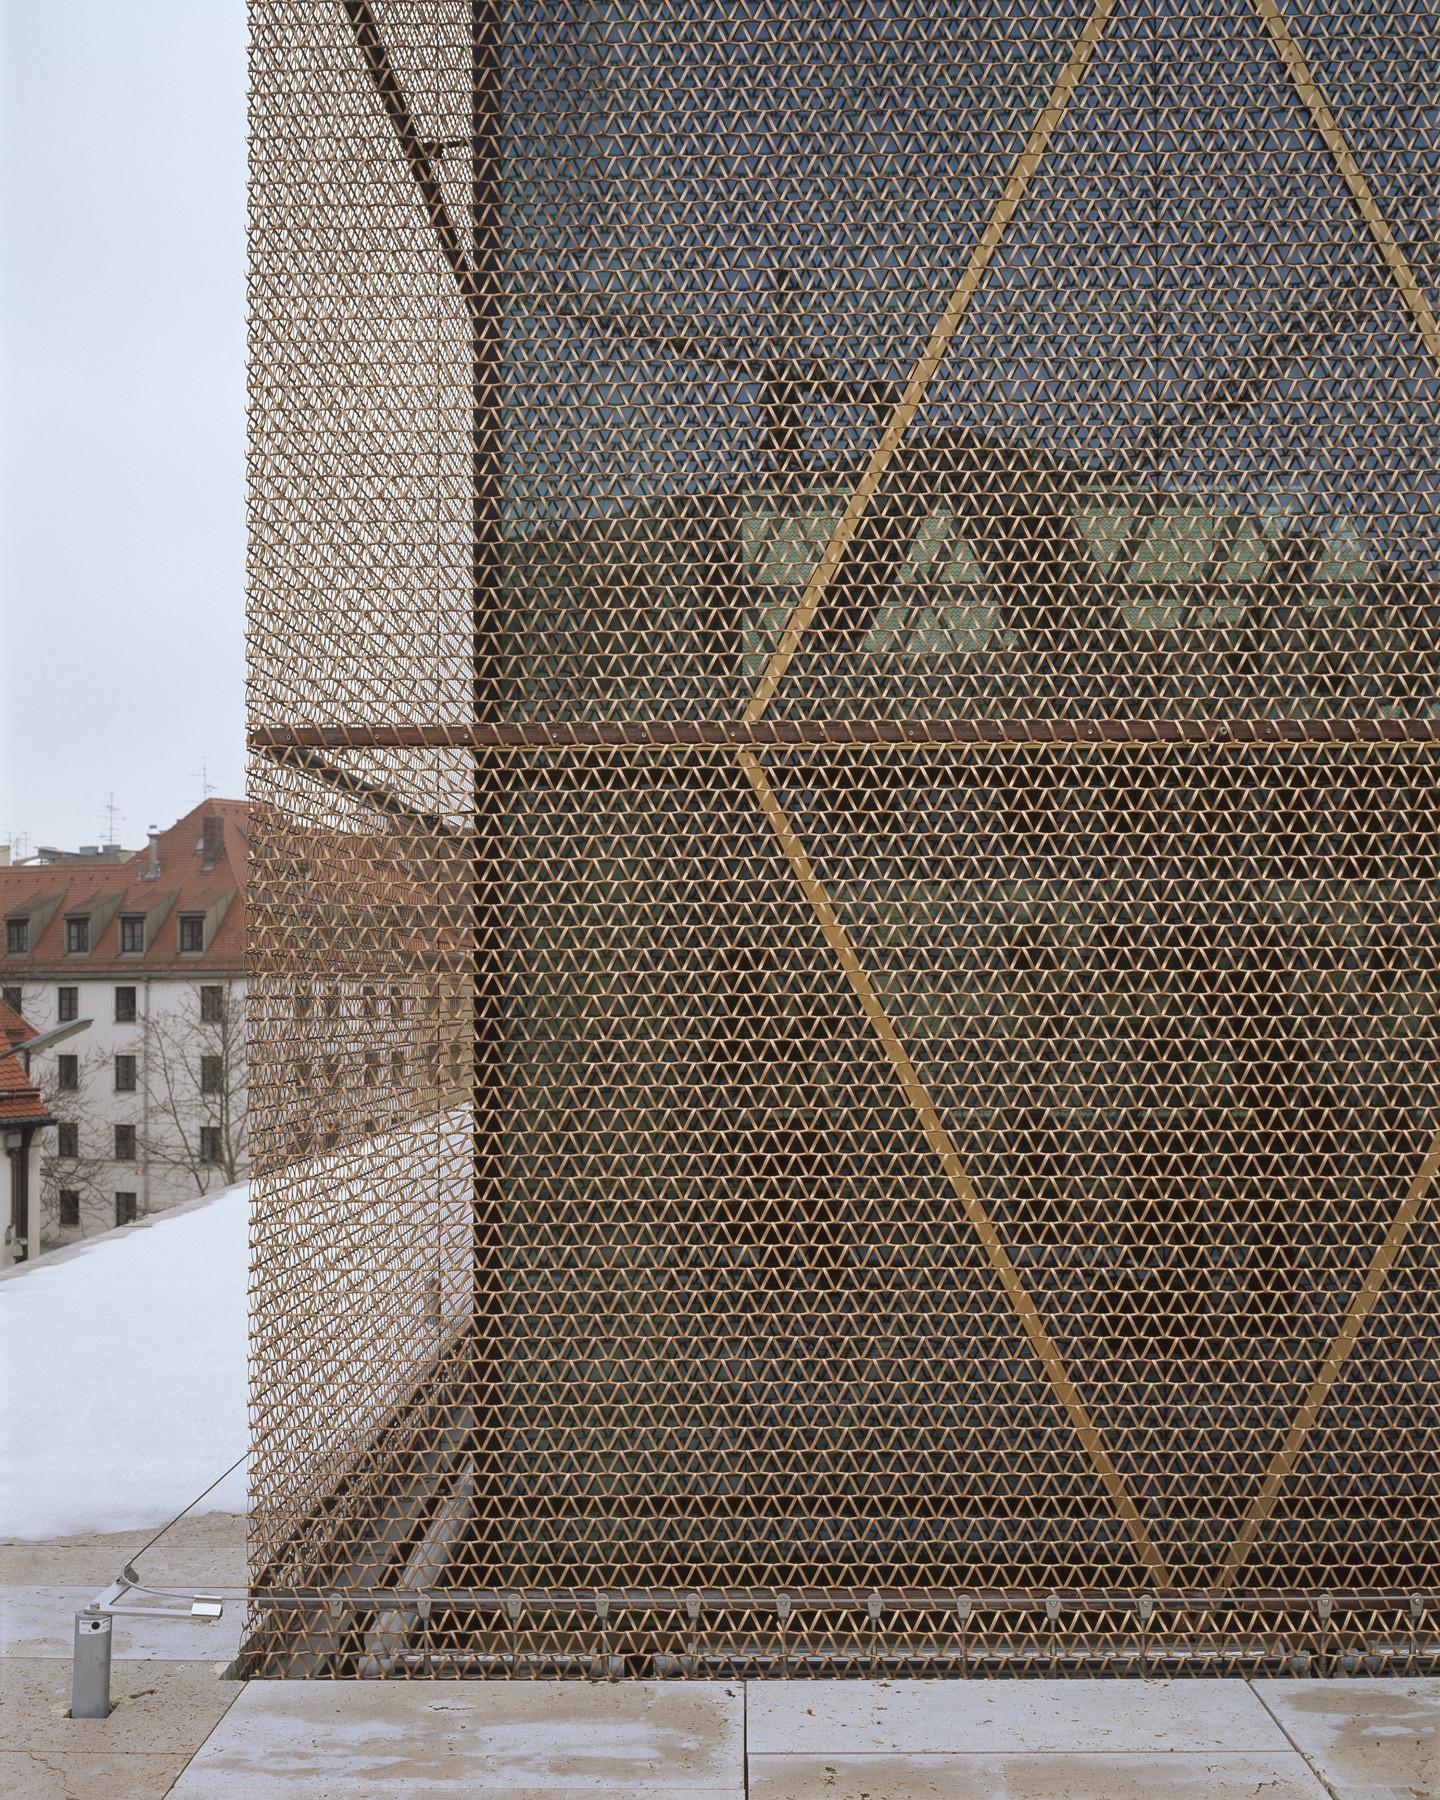 The Jewish Center in Munich / Wandel Hoefer Lorch + Hirsch